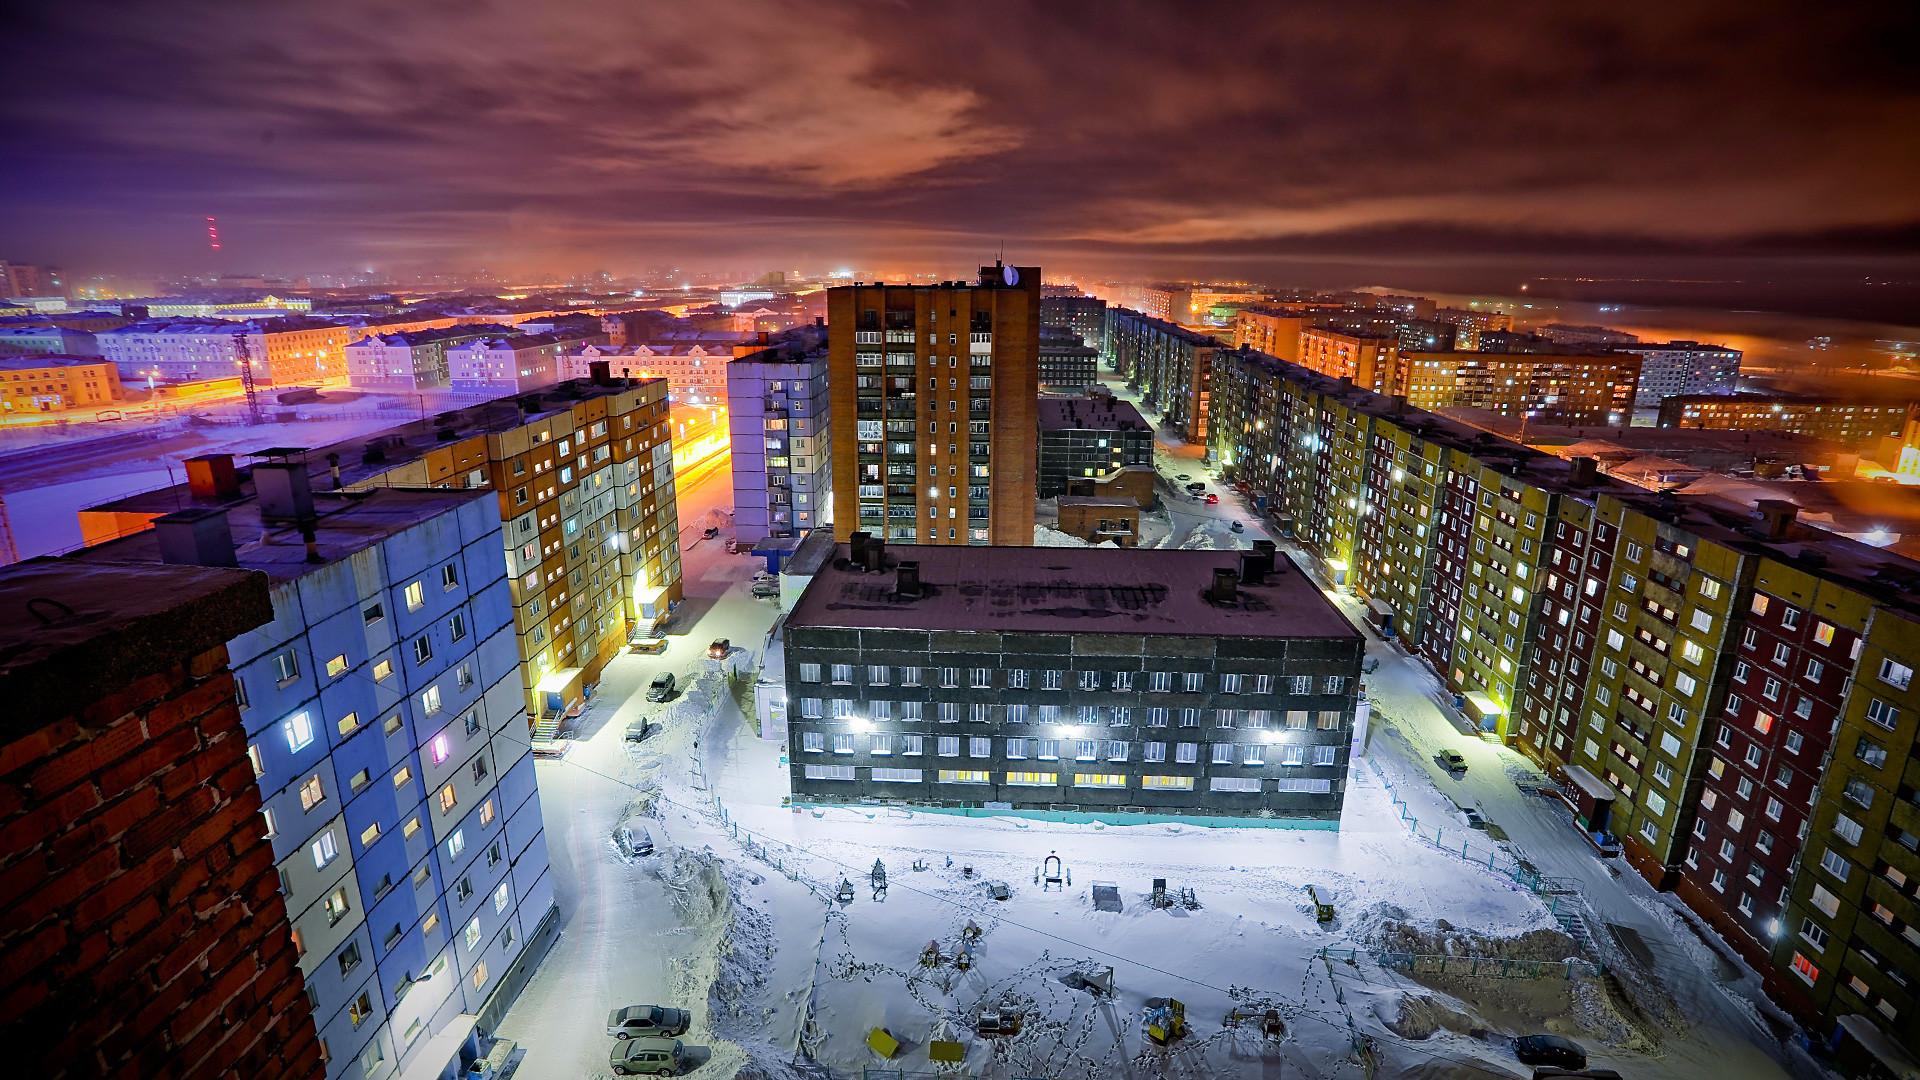 Bangunan tempat tinggal di Norilsk. Suhu telah turun hingga -42 derajat Celcius.